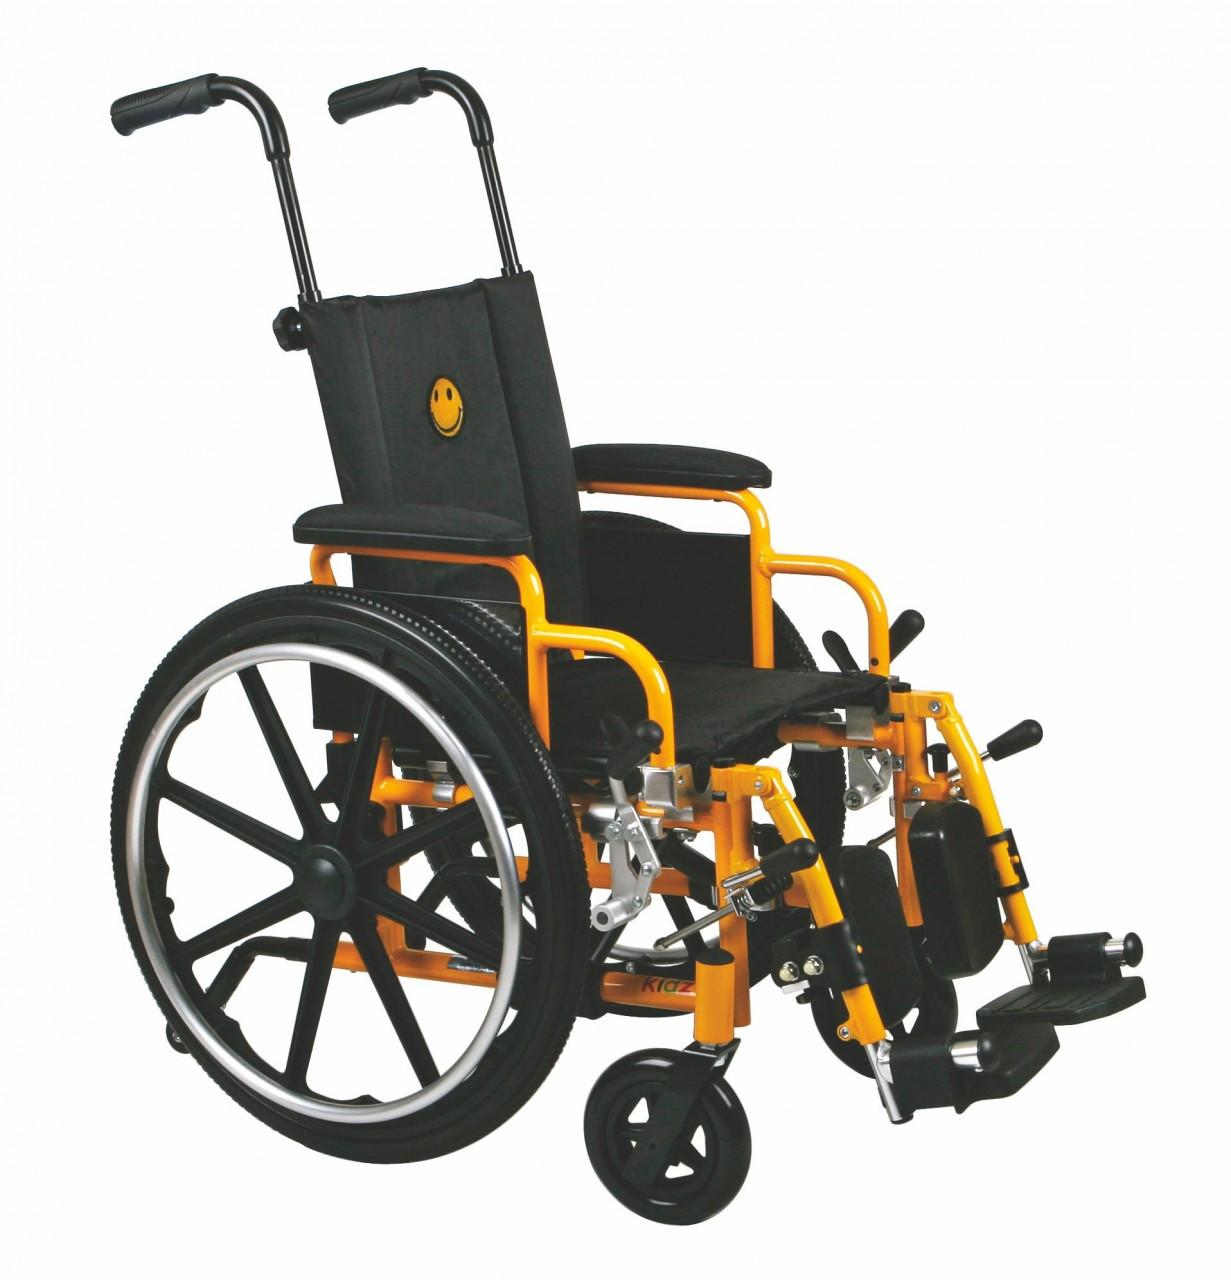 sc 1 st  Easy Medical Store & Medline Excel Kidz Pediatric Wheelchair